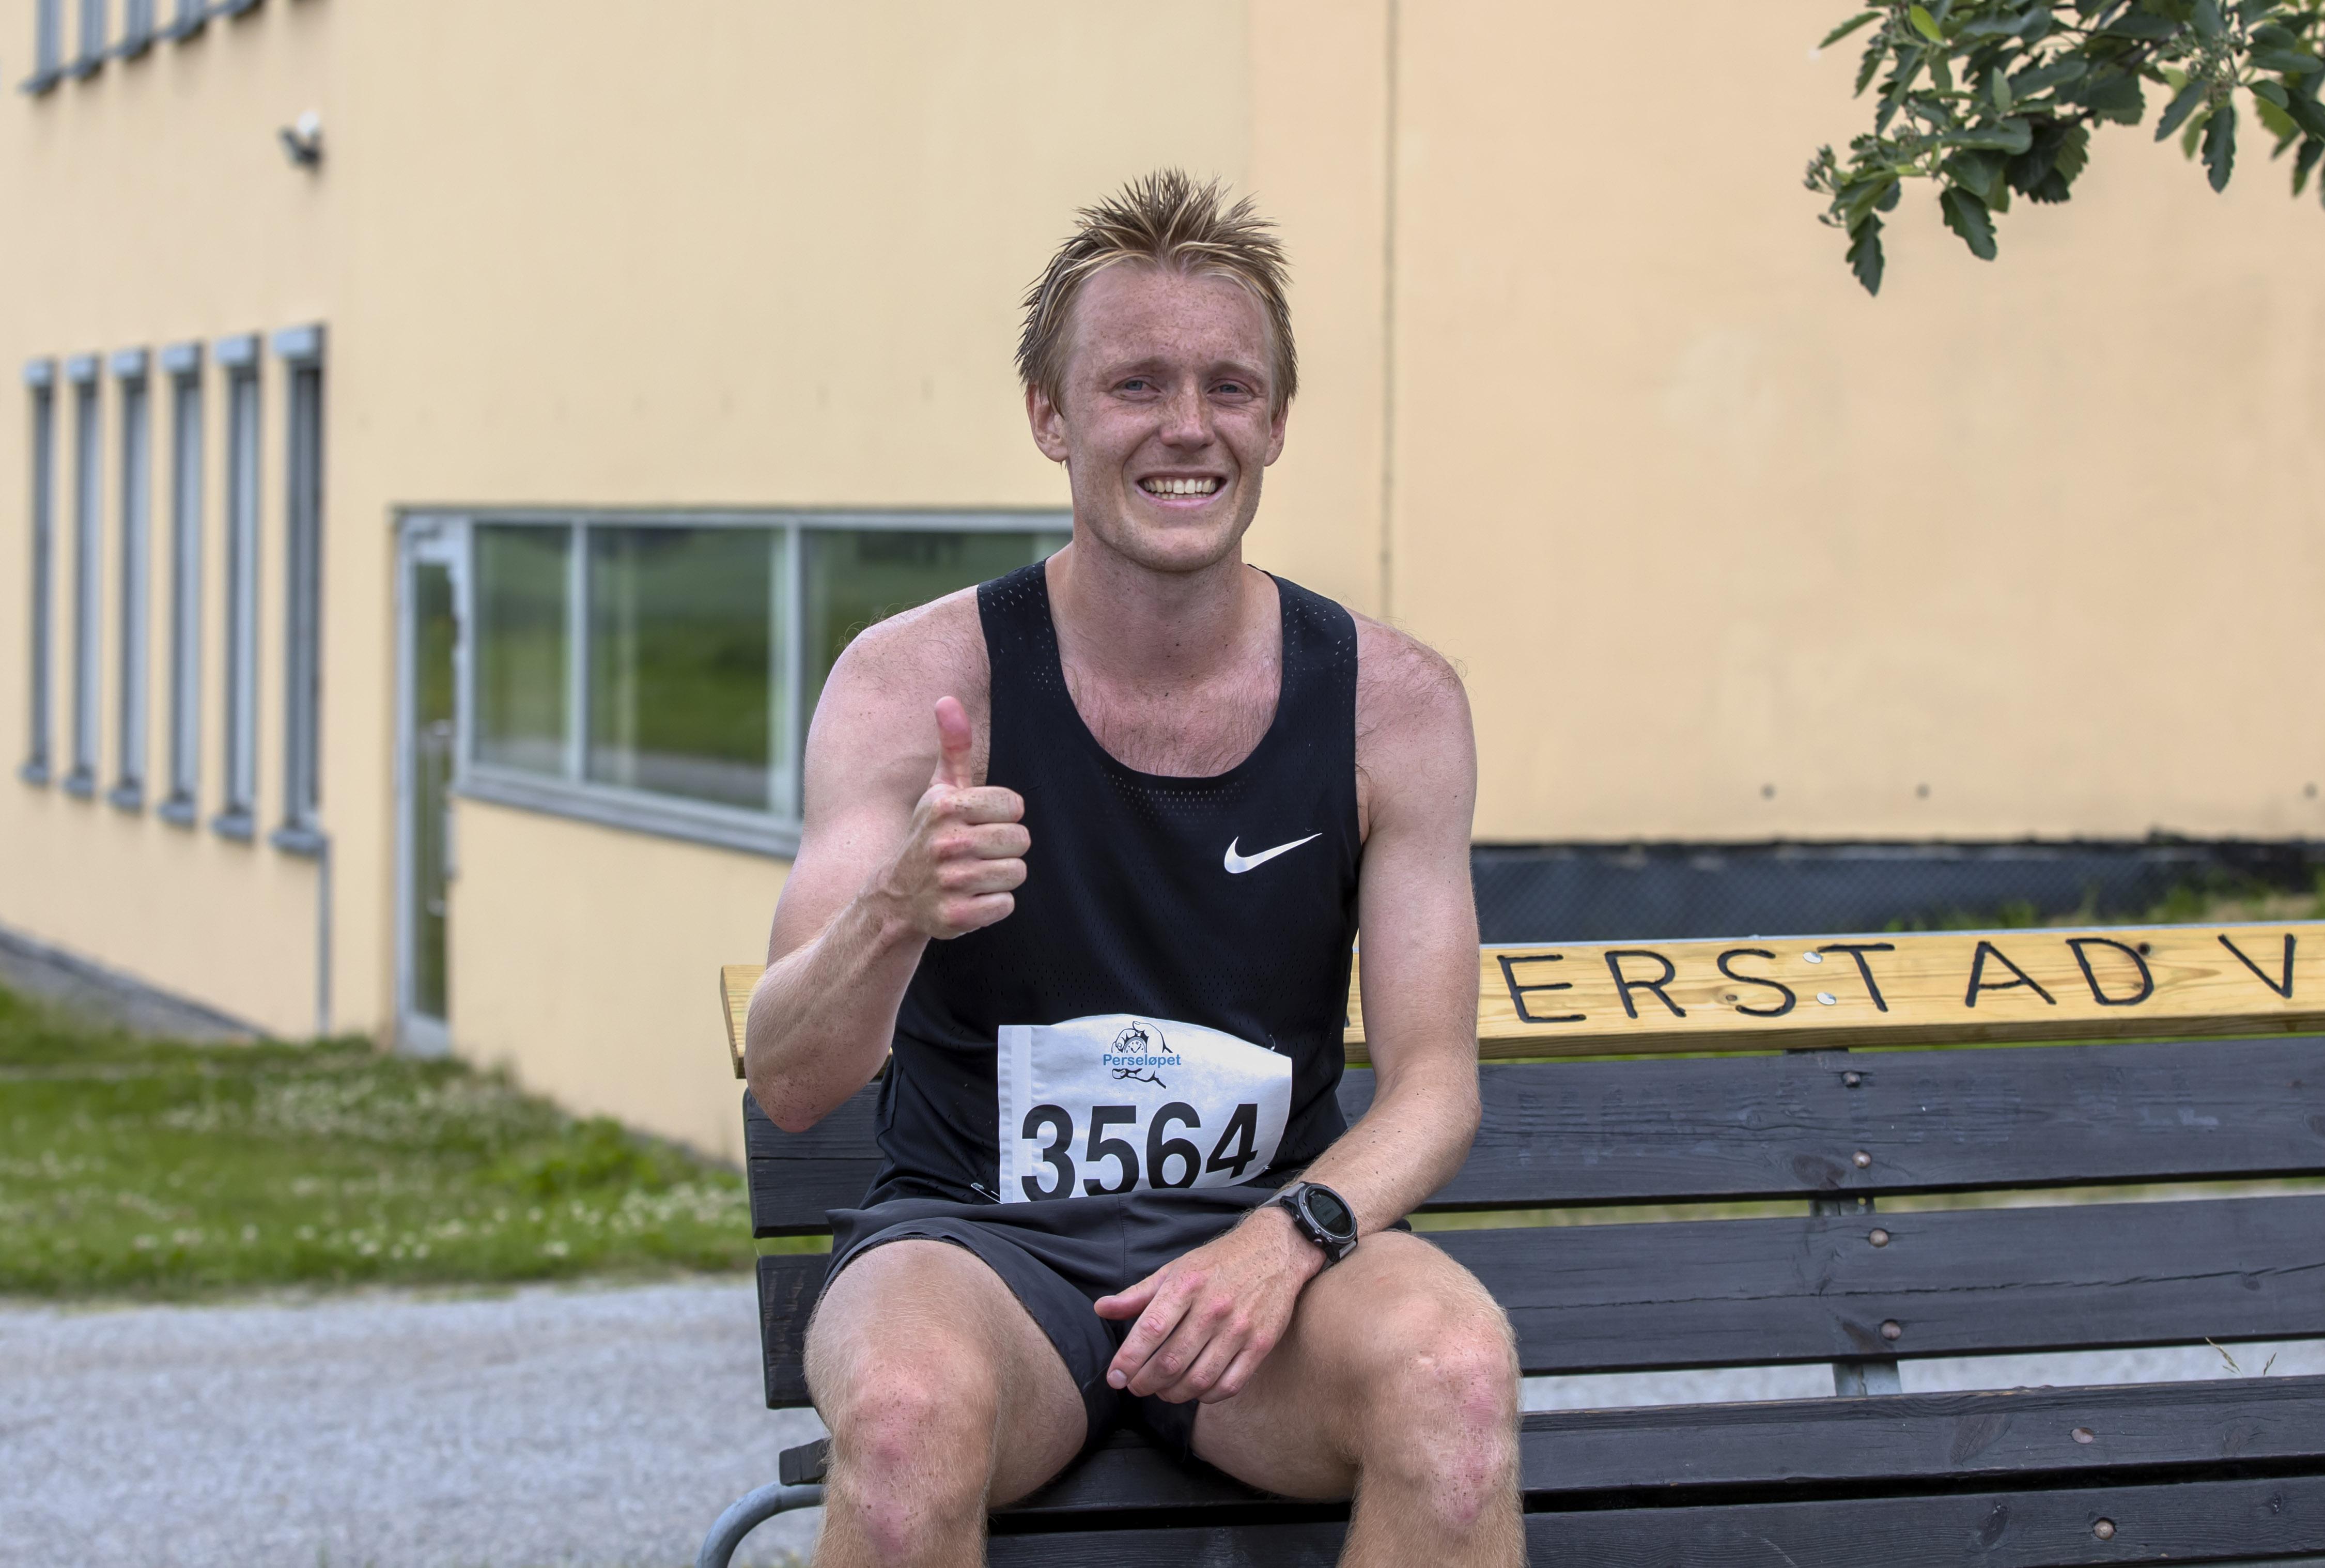 Perseløpet 4 juli 2021 - Magnus Løndal fra Lillehammer debuterte på maraton med å vinne hele greia - på tiden 2.49.30.jpg